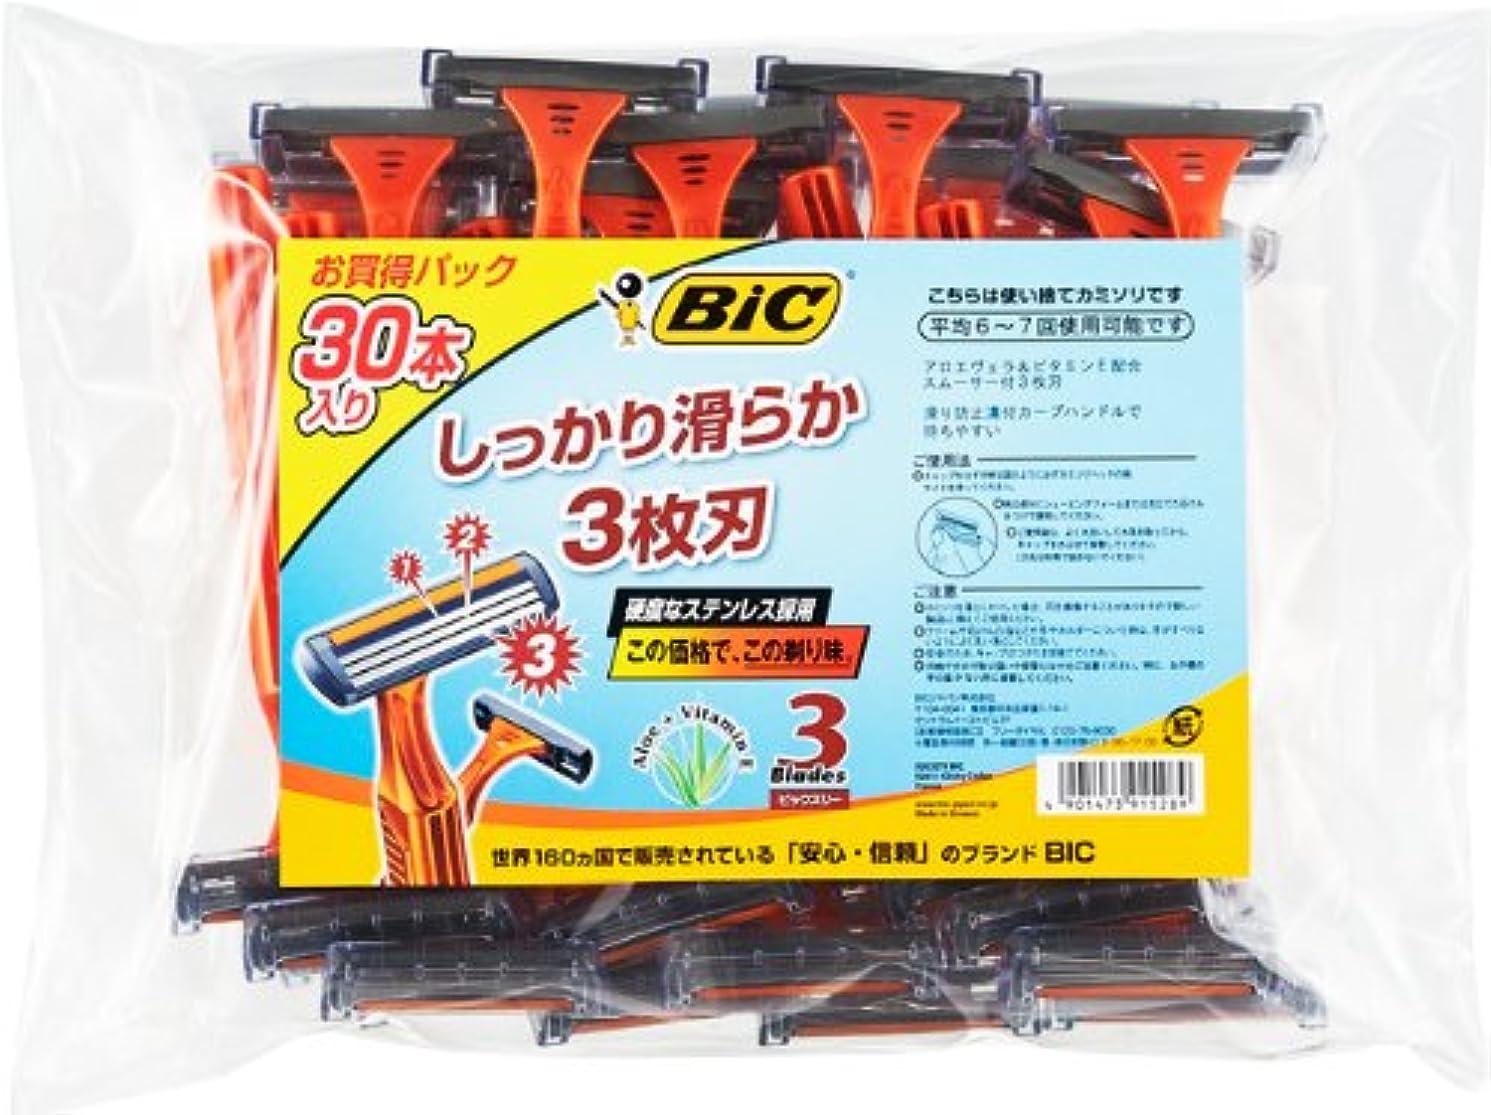 ダッシュ類推なだめるビック BIC BIC3 3枚刃 使い捨てカミソリ シェーバー ひげそり ディスポ 30本入